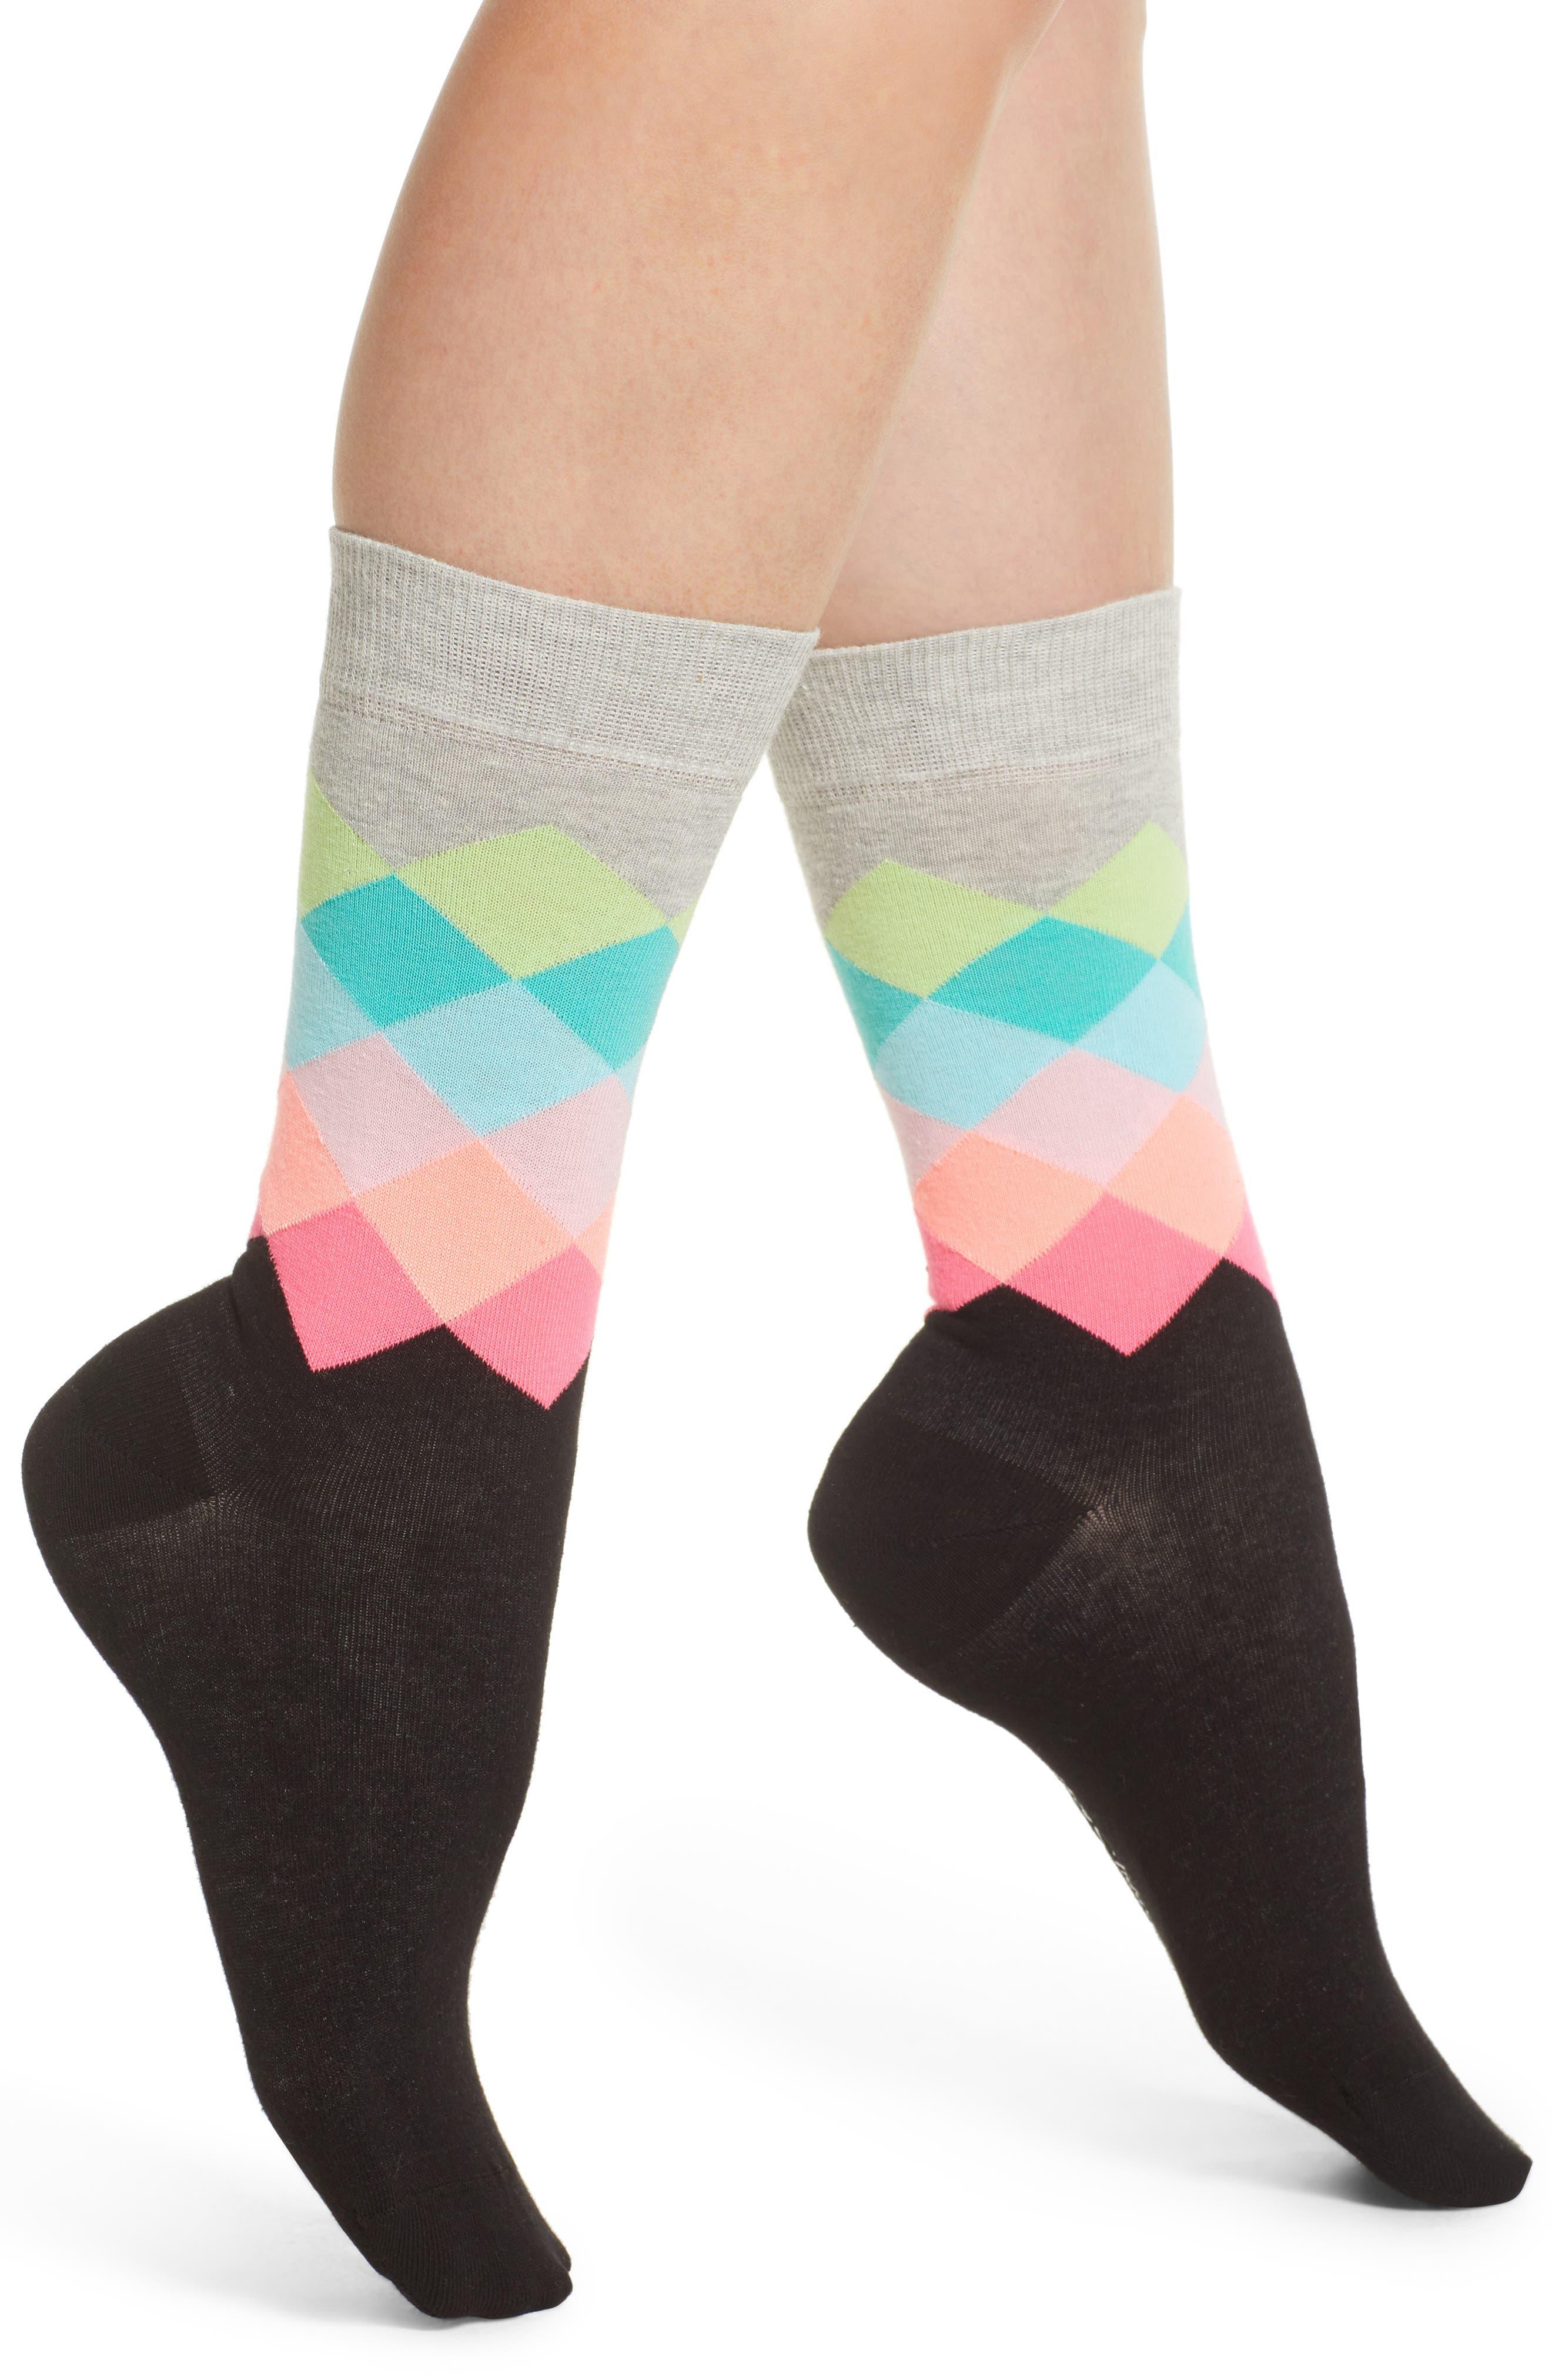 Faded Diamond Crew Socks,                         Main,                         color, Blk/ Bright